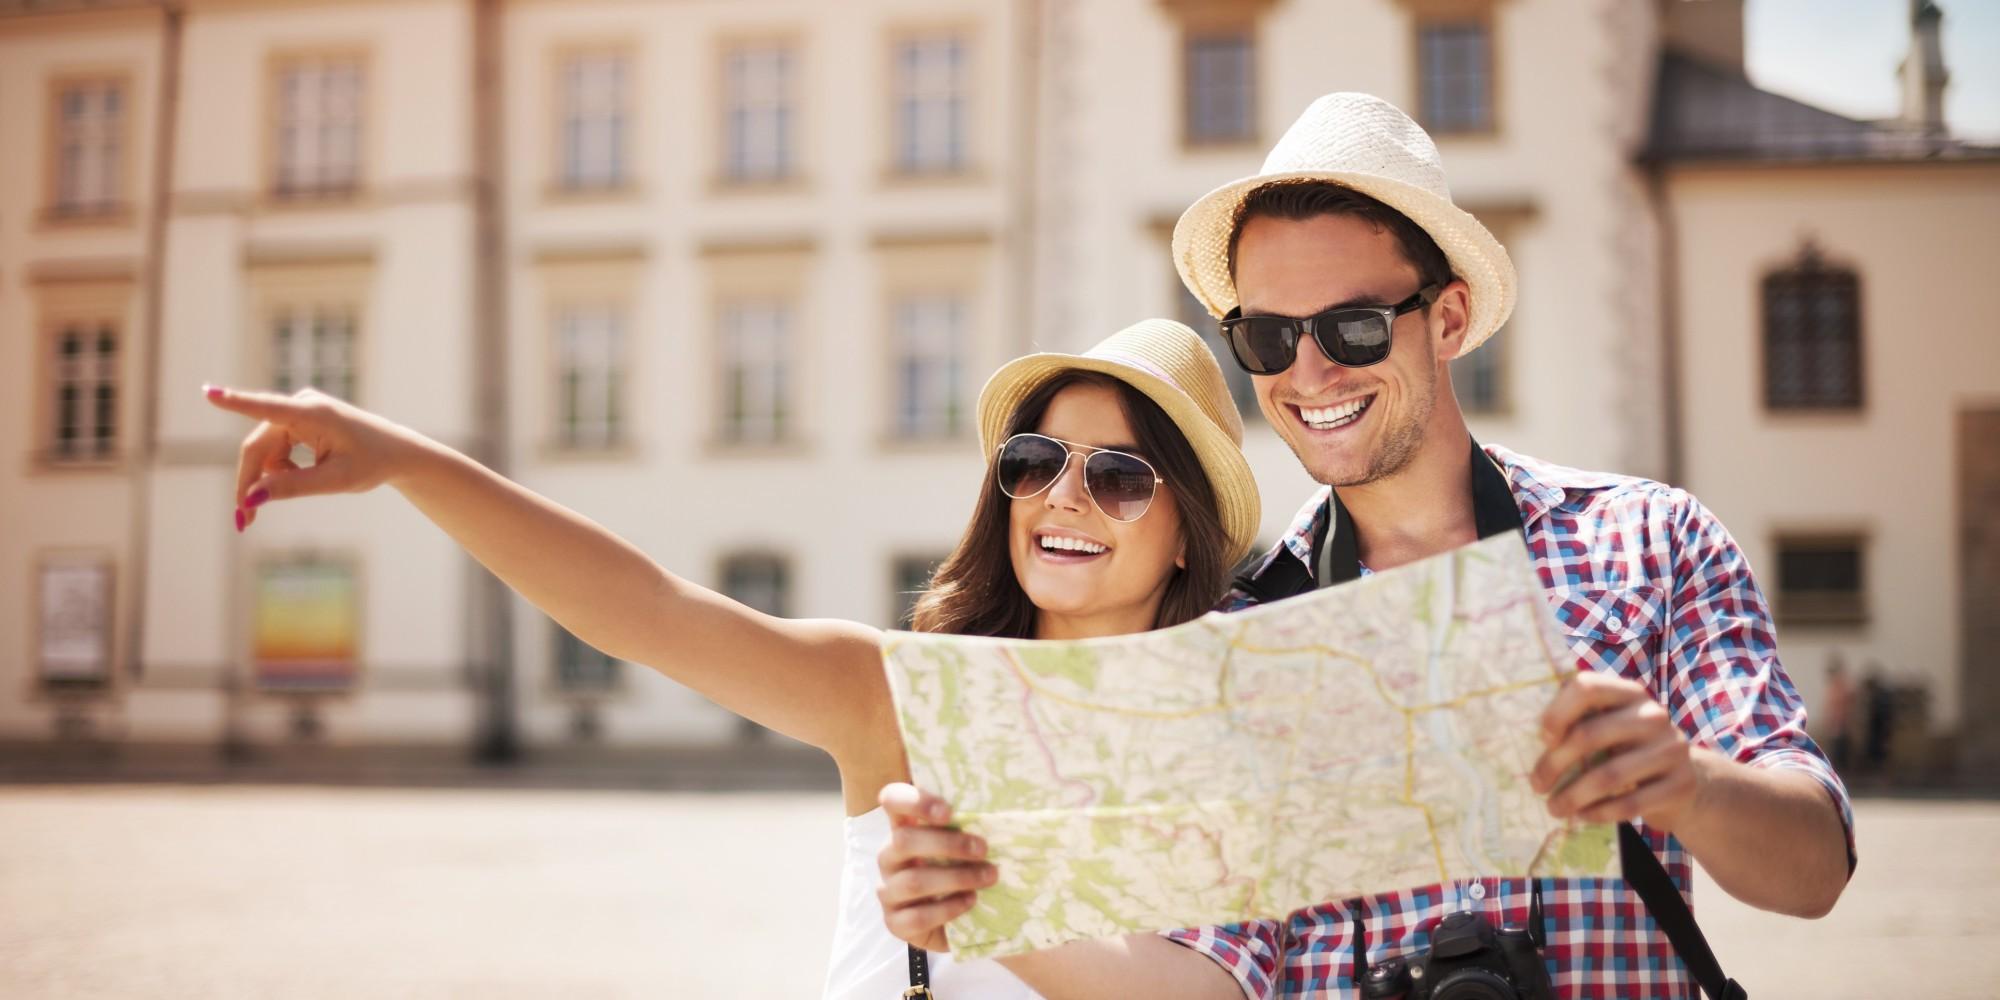 Ученые доказали что путешествия улучшают работу мозга